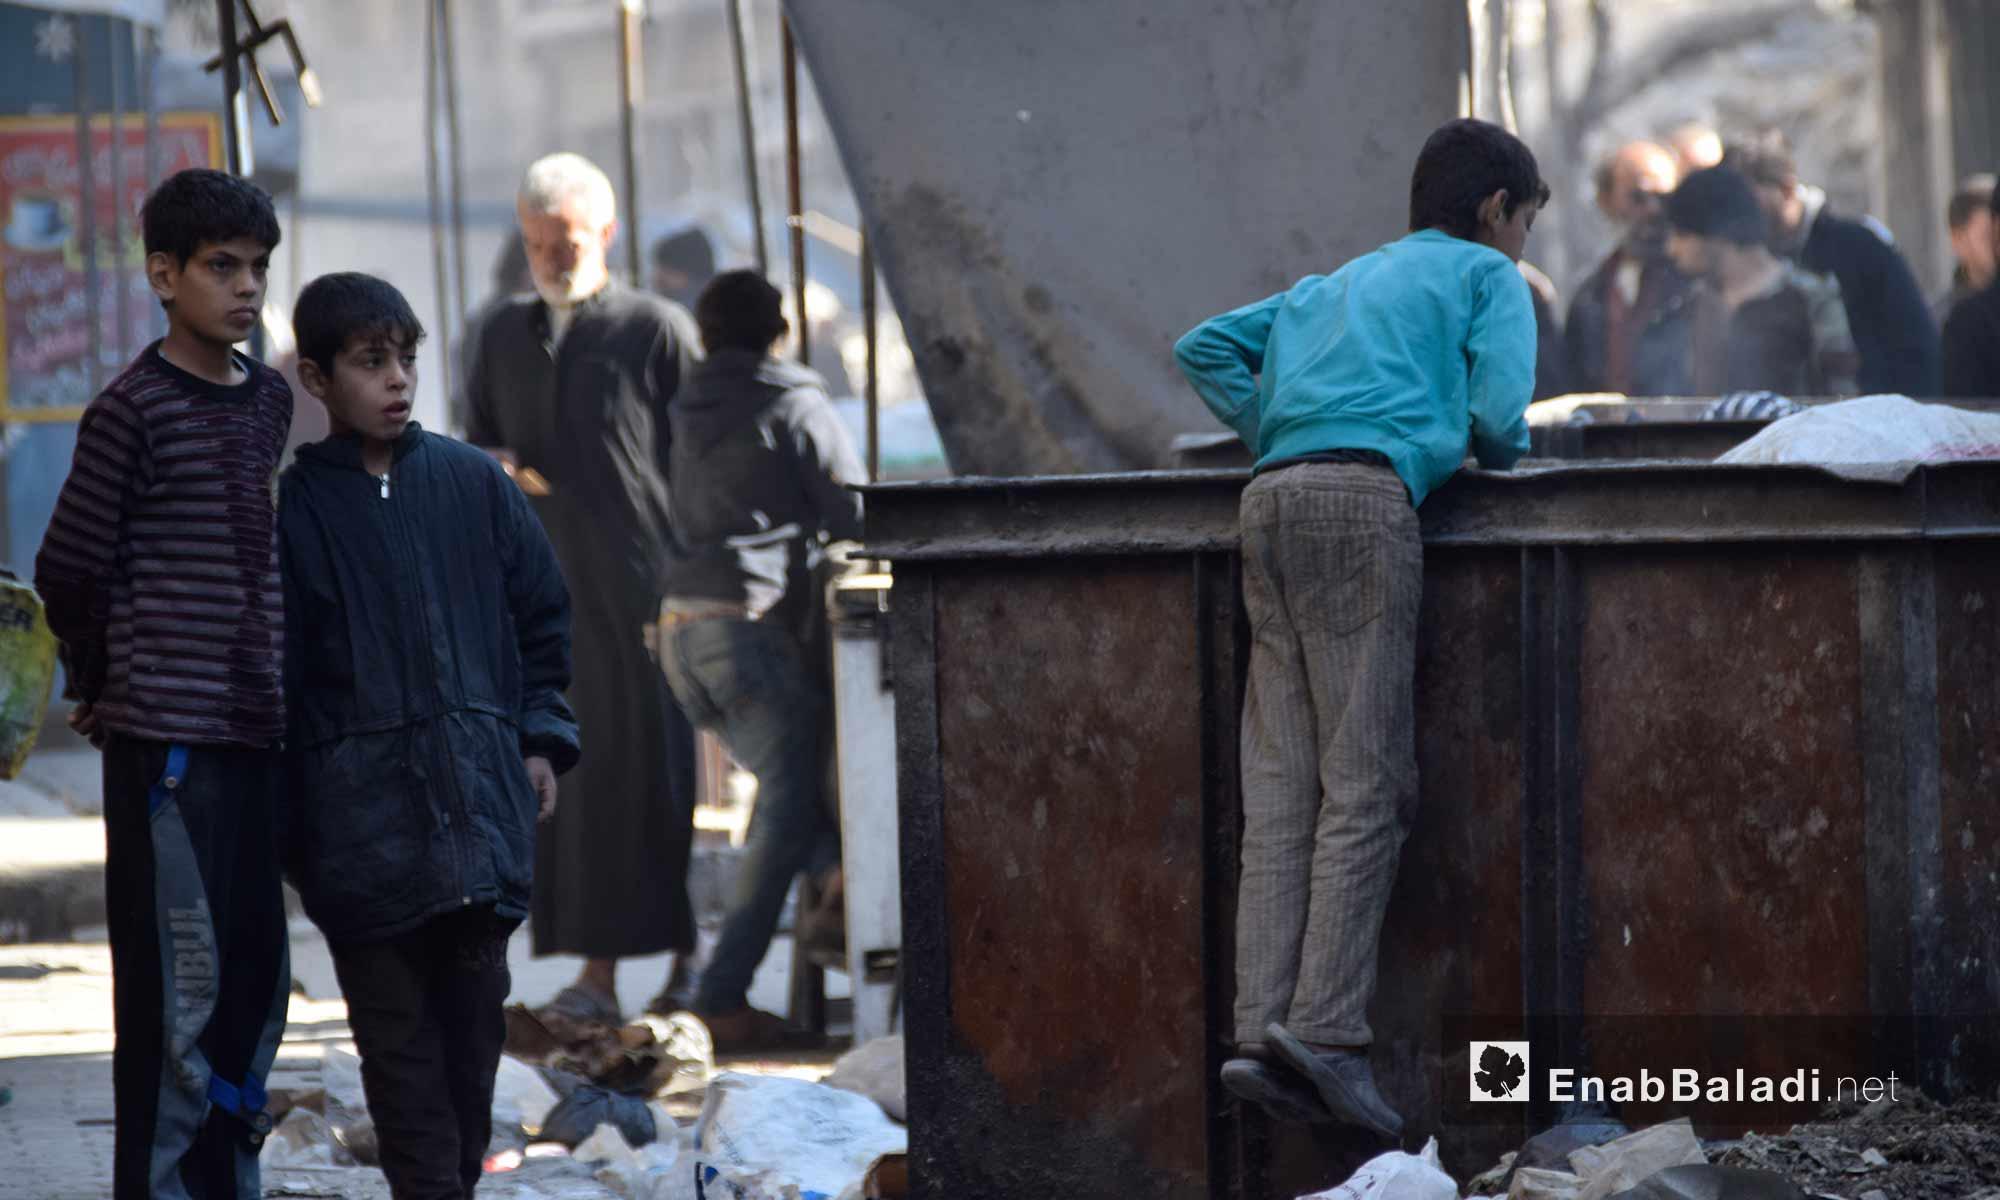 ربما فضّل هؤلاء الأصدقاء الثلاثة، انتهاز الفرصة للبحث عن لقمة تسد رمقهم، عوضًا عن اللعب أو الدراسة أو ممارسة أي هواية ما عادت تنفع في حلب الشرقية، في ظل الحصار والهجمة العسكرية الواسعة عليها. التقطت كاميرا عنب بلدي صورًا للأطفال الثلاثة، الاثنين 21 تشرين الثاني، في حي الشعار الذي كان شاهدًا خلال الأيام القليلة الفائتة على مجازر بحق سكانه.